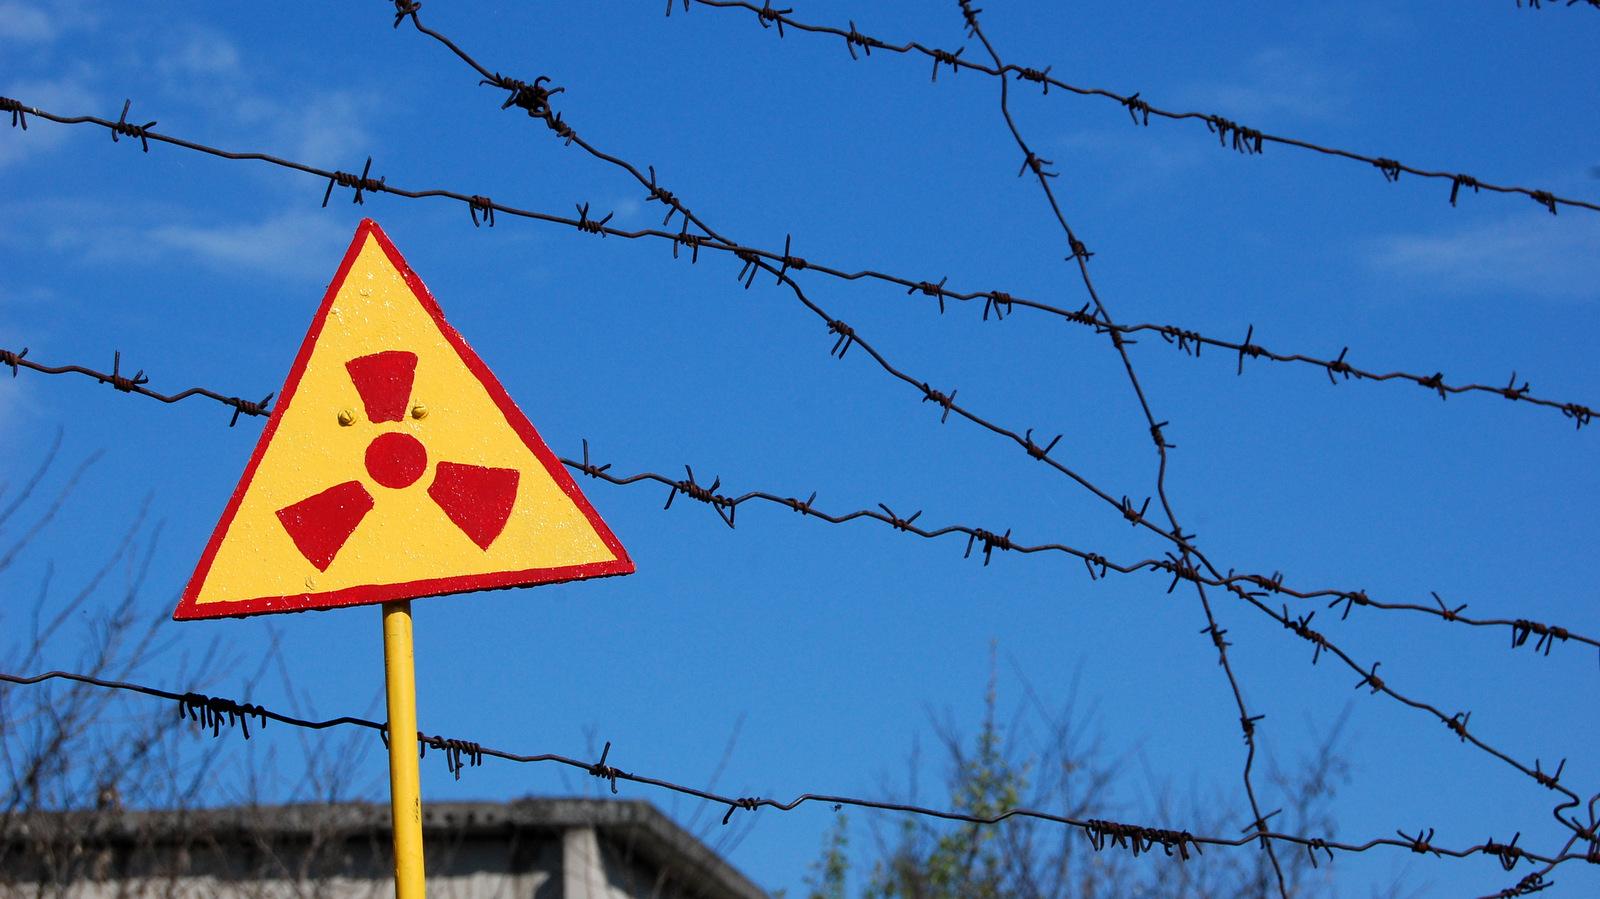 Аварыя 1986 году была ня першай на Чарнобыльскай АЭС. 9 верасьня 1982 году адбыўся разрыў тэхналягічнага канала на 1-м рэактары. Як пра аварыю даведалася кіраўніцтва Ўкраінскай ССР?